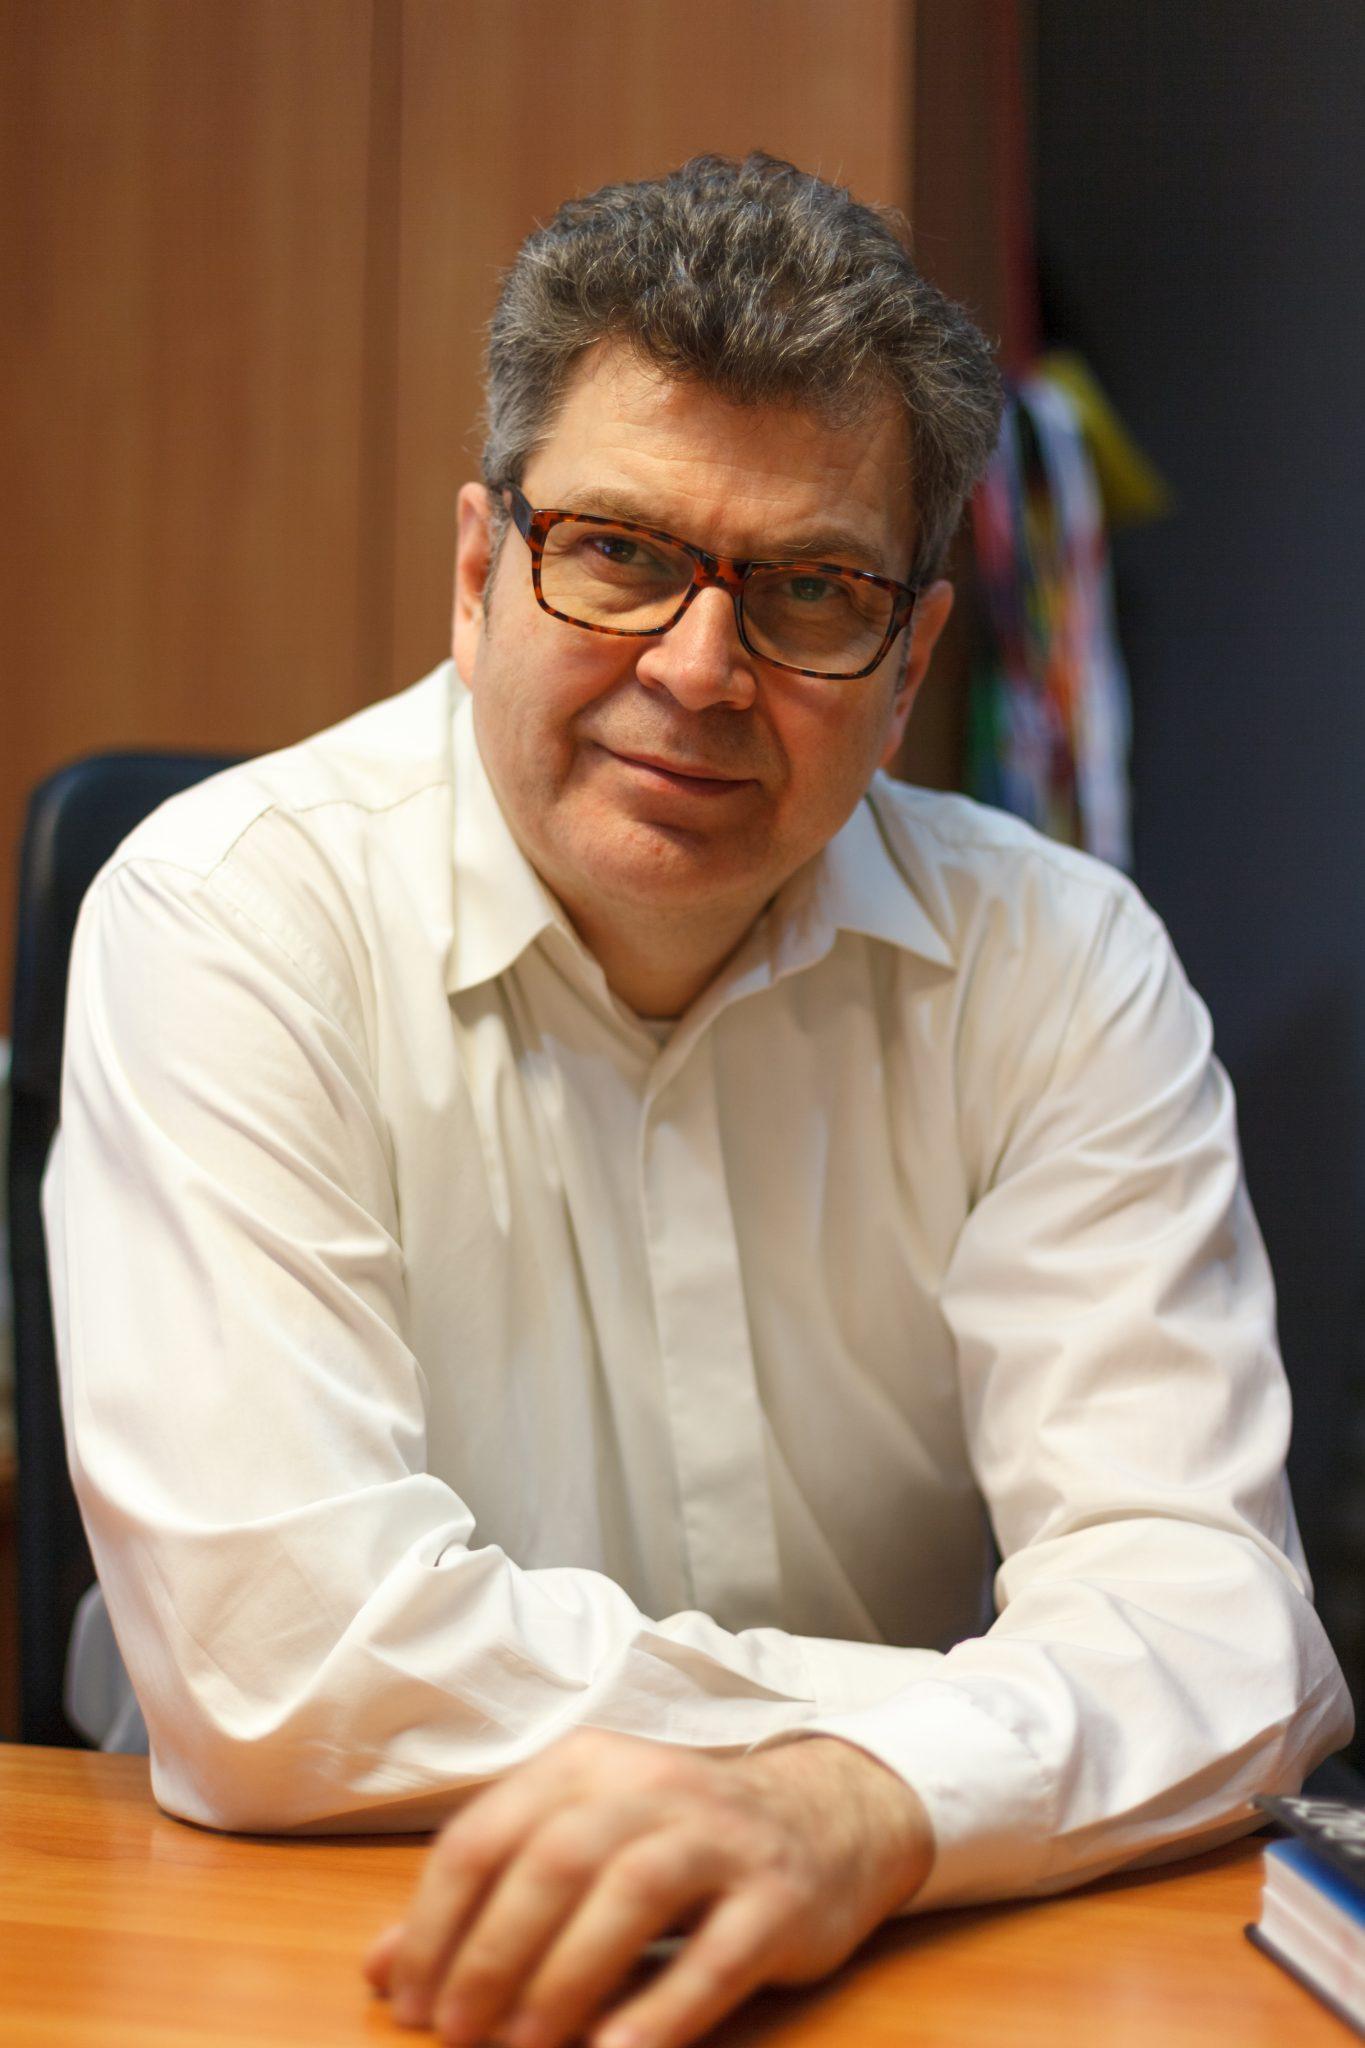 Artur Radecki